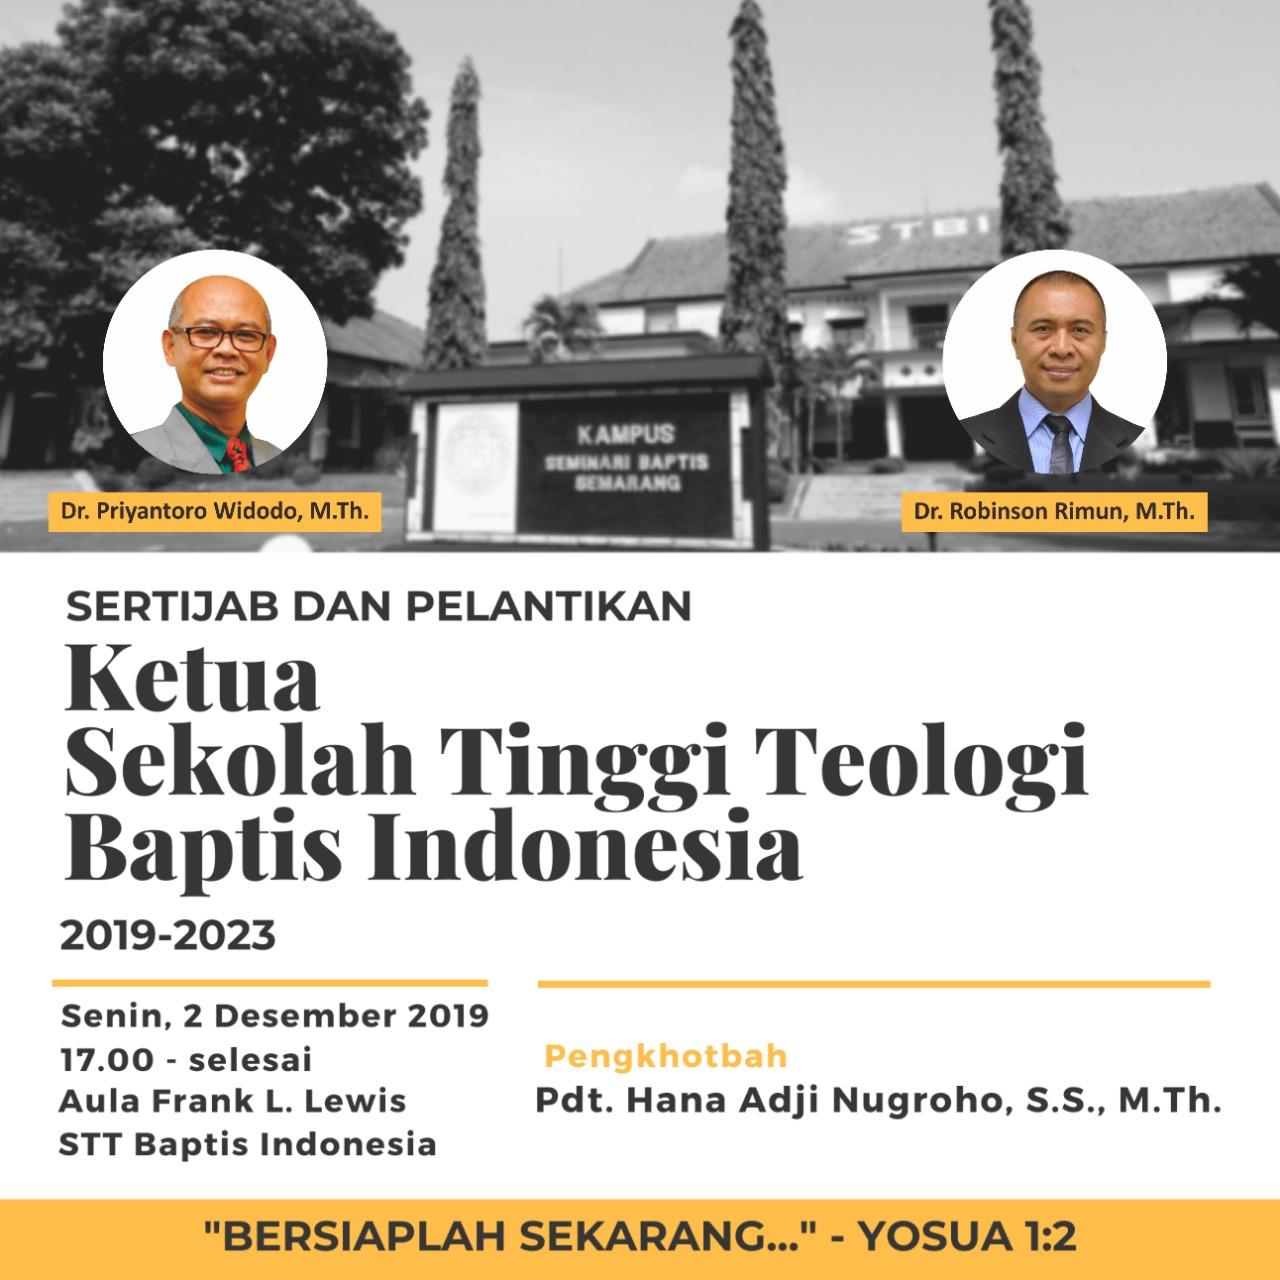 Sertijab dan Pelantikan Ketua STBI 2019-2023